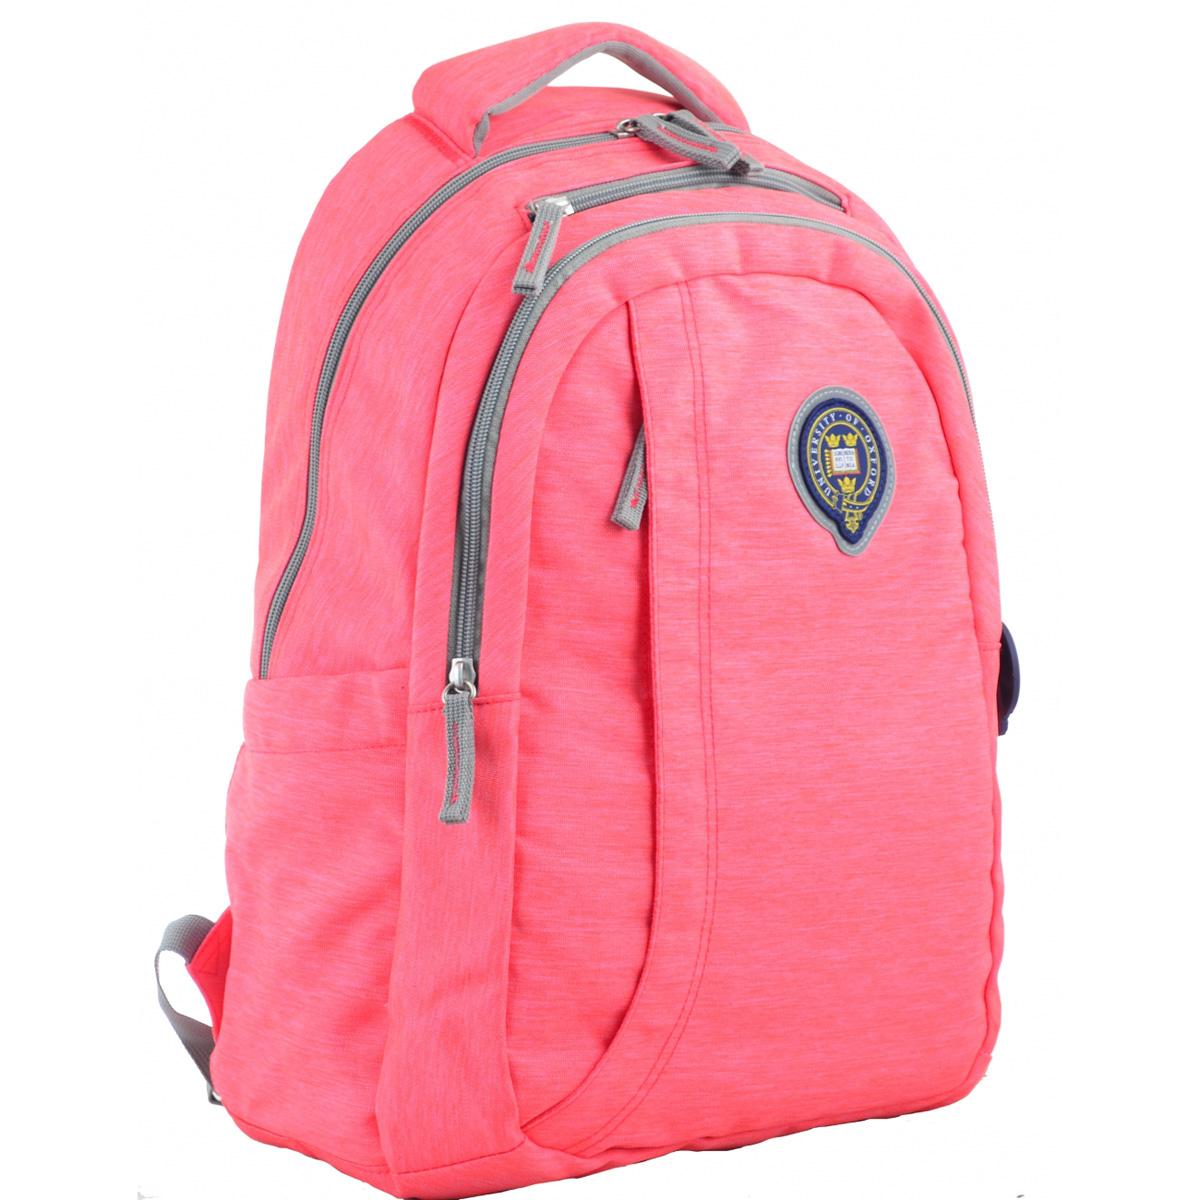 Рюкзак молодежный OX 391, 45*30*14.5, розовый